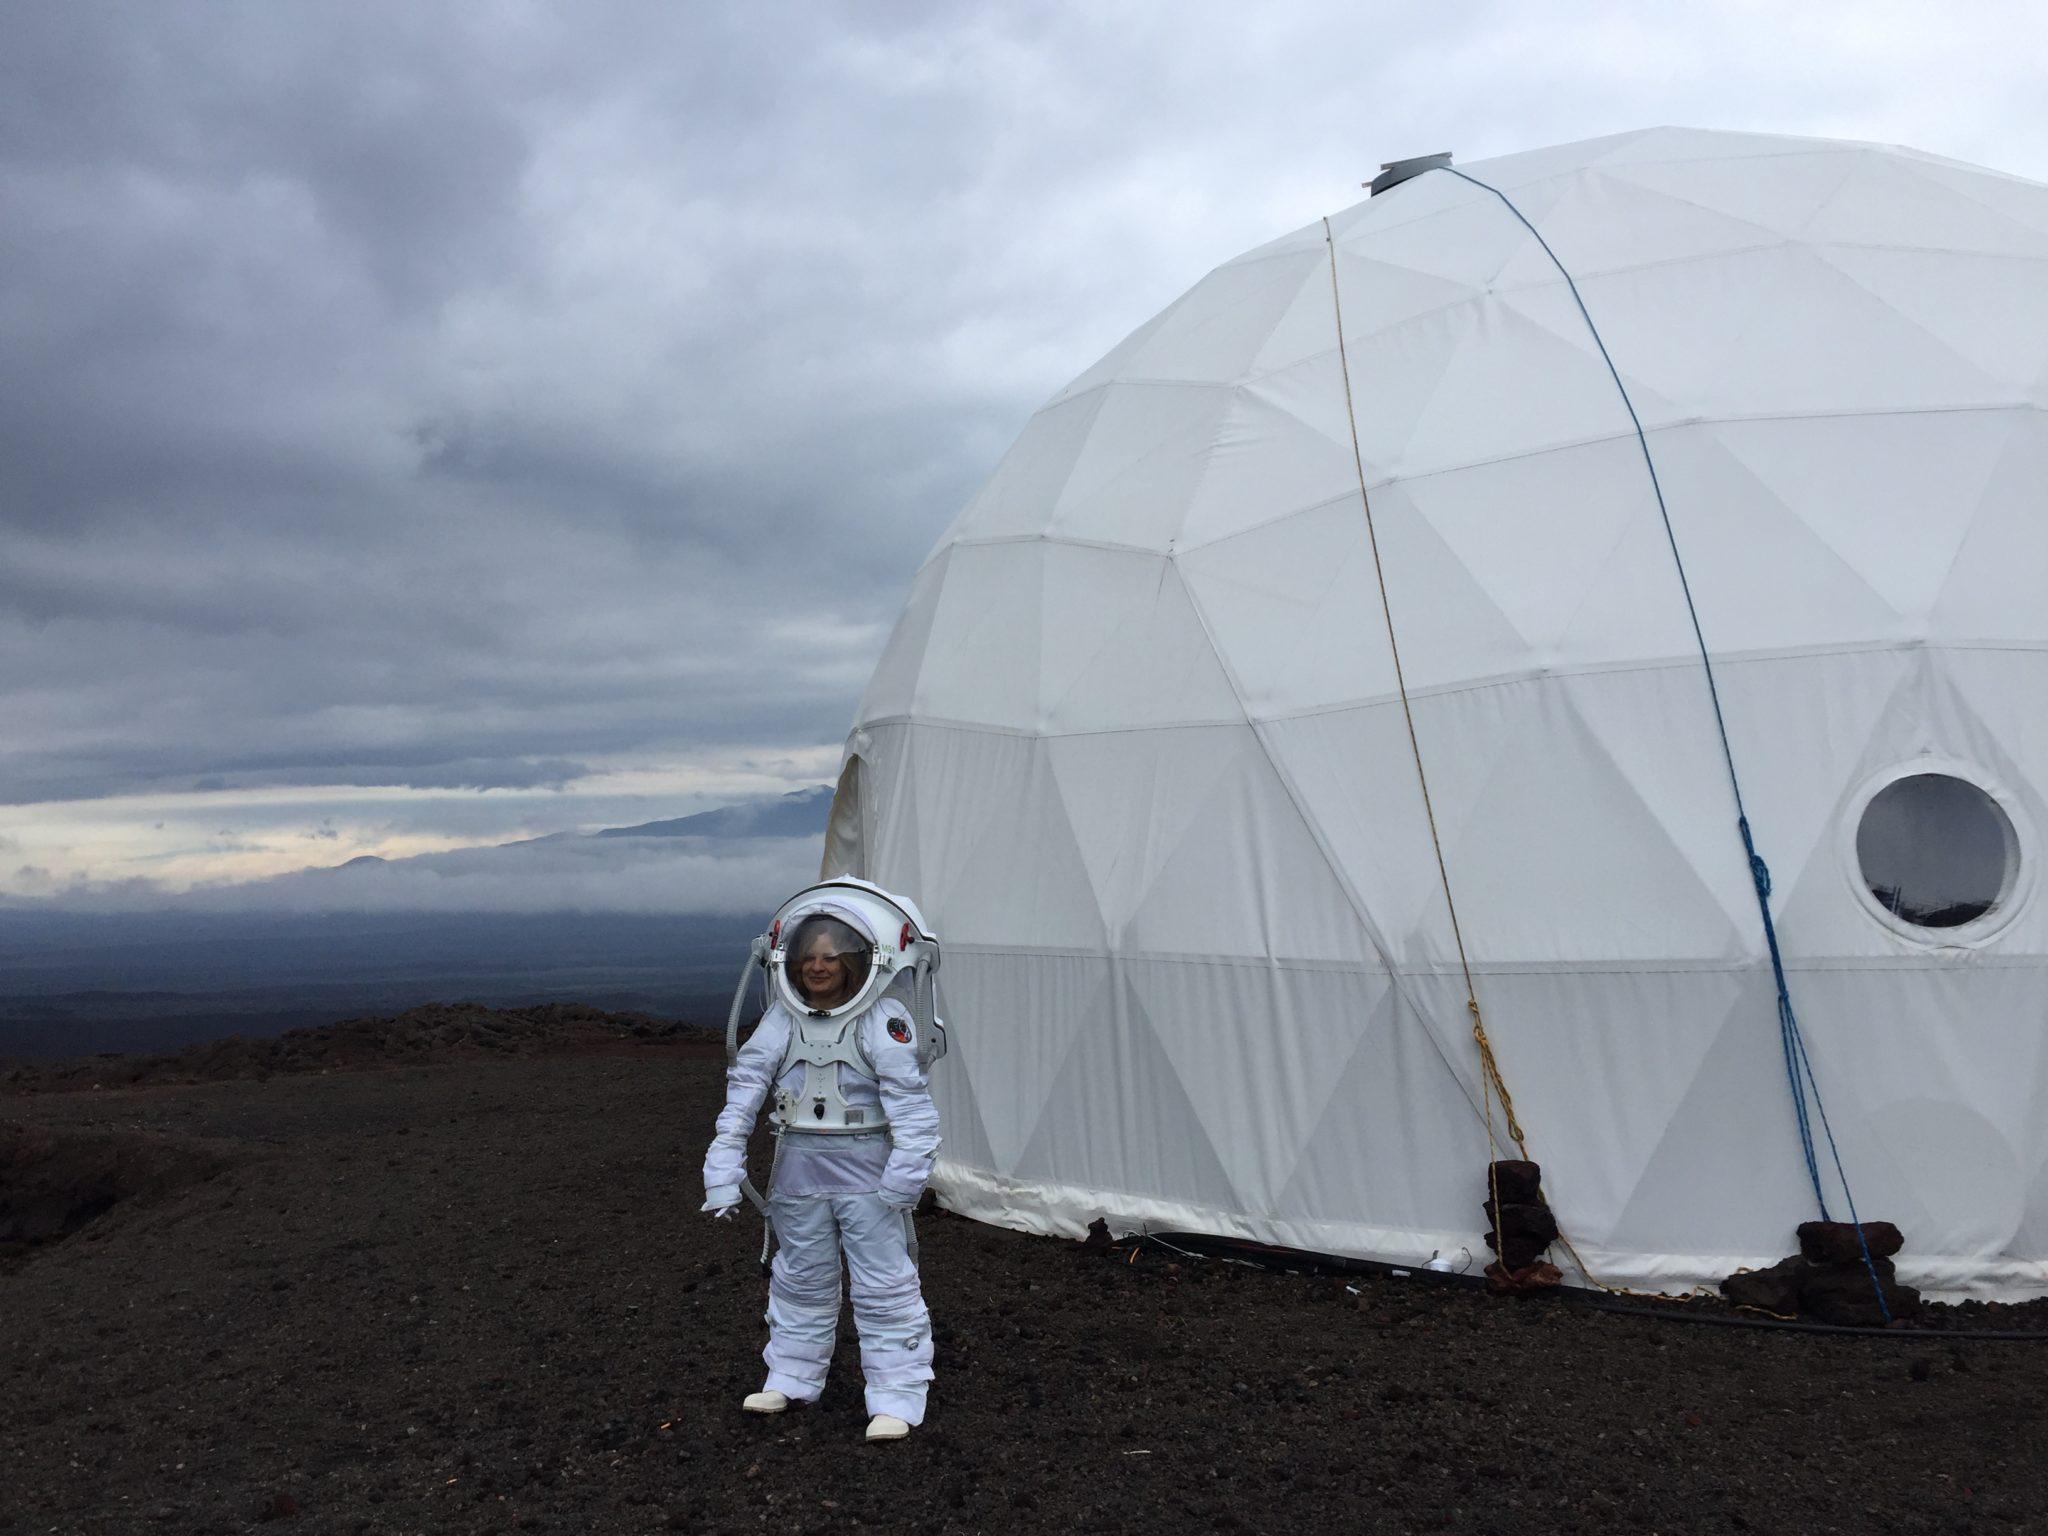 998c2f218 PC Revue   Dr. Musilová: Simulovaná misia na Mars bola prerušená ...